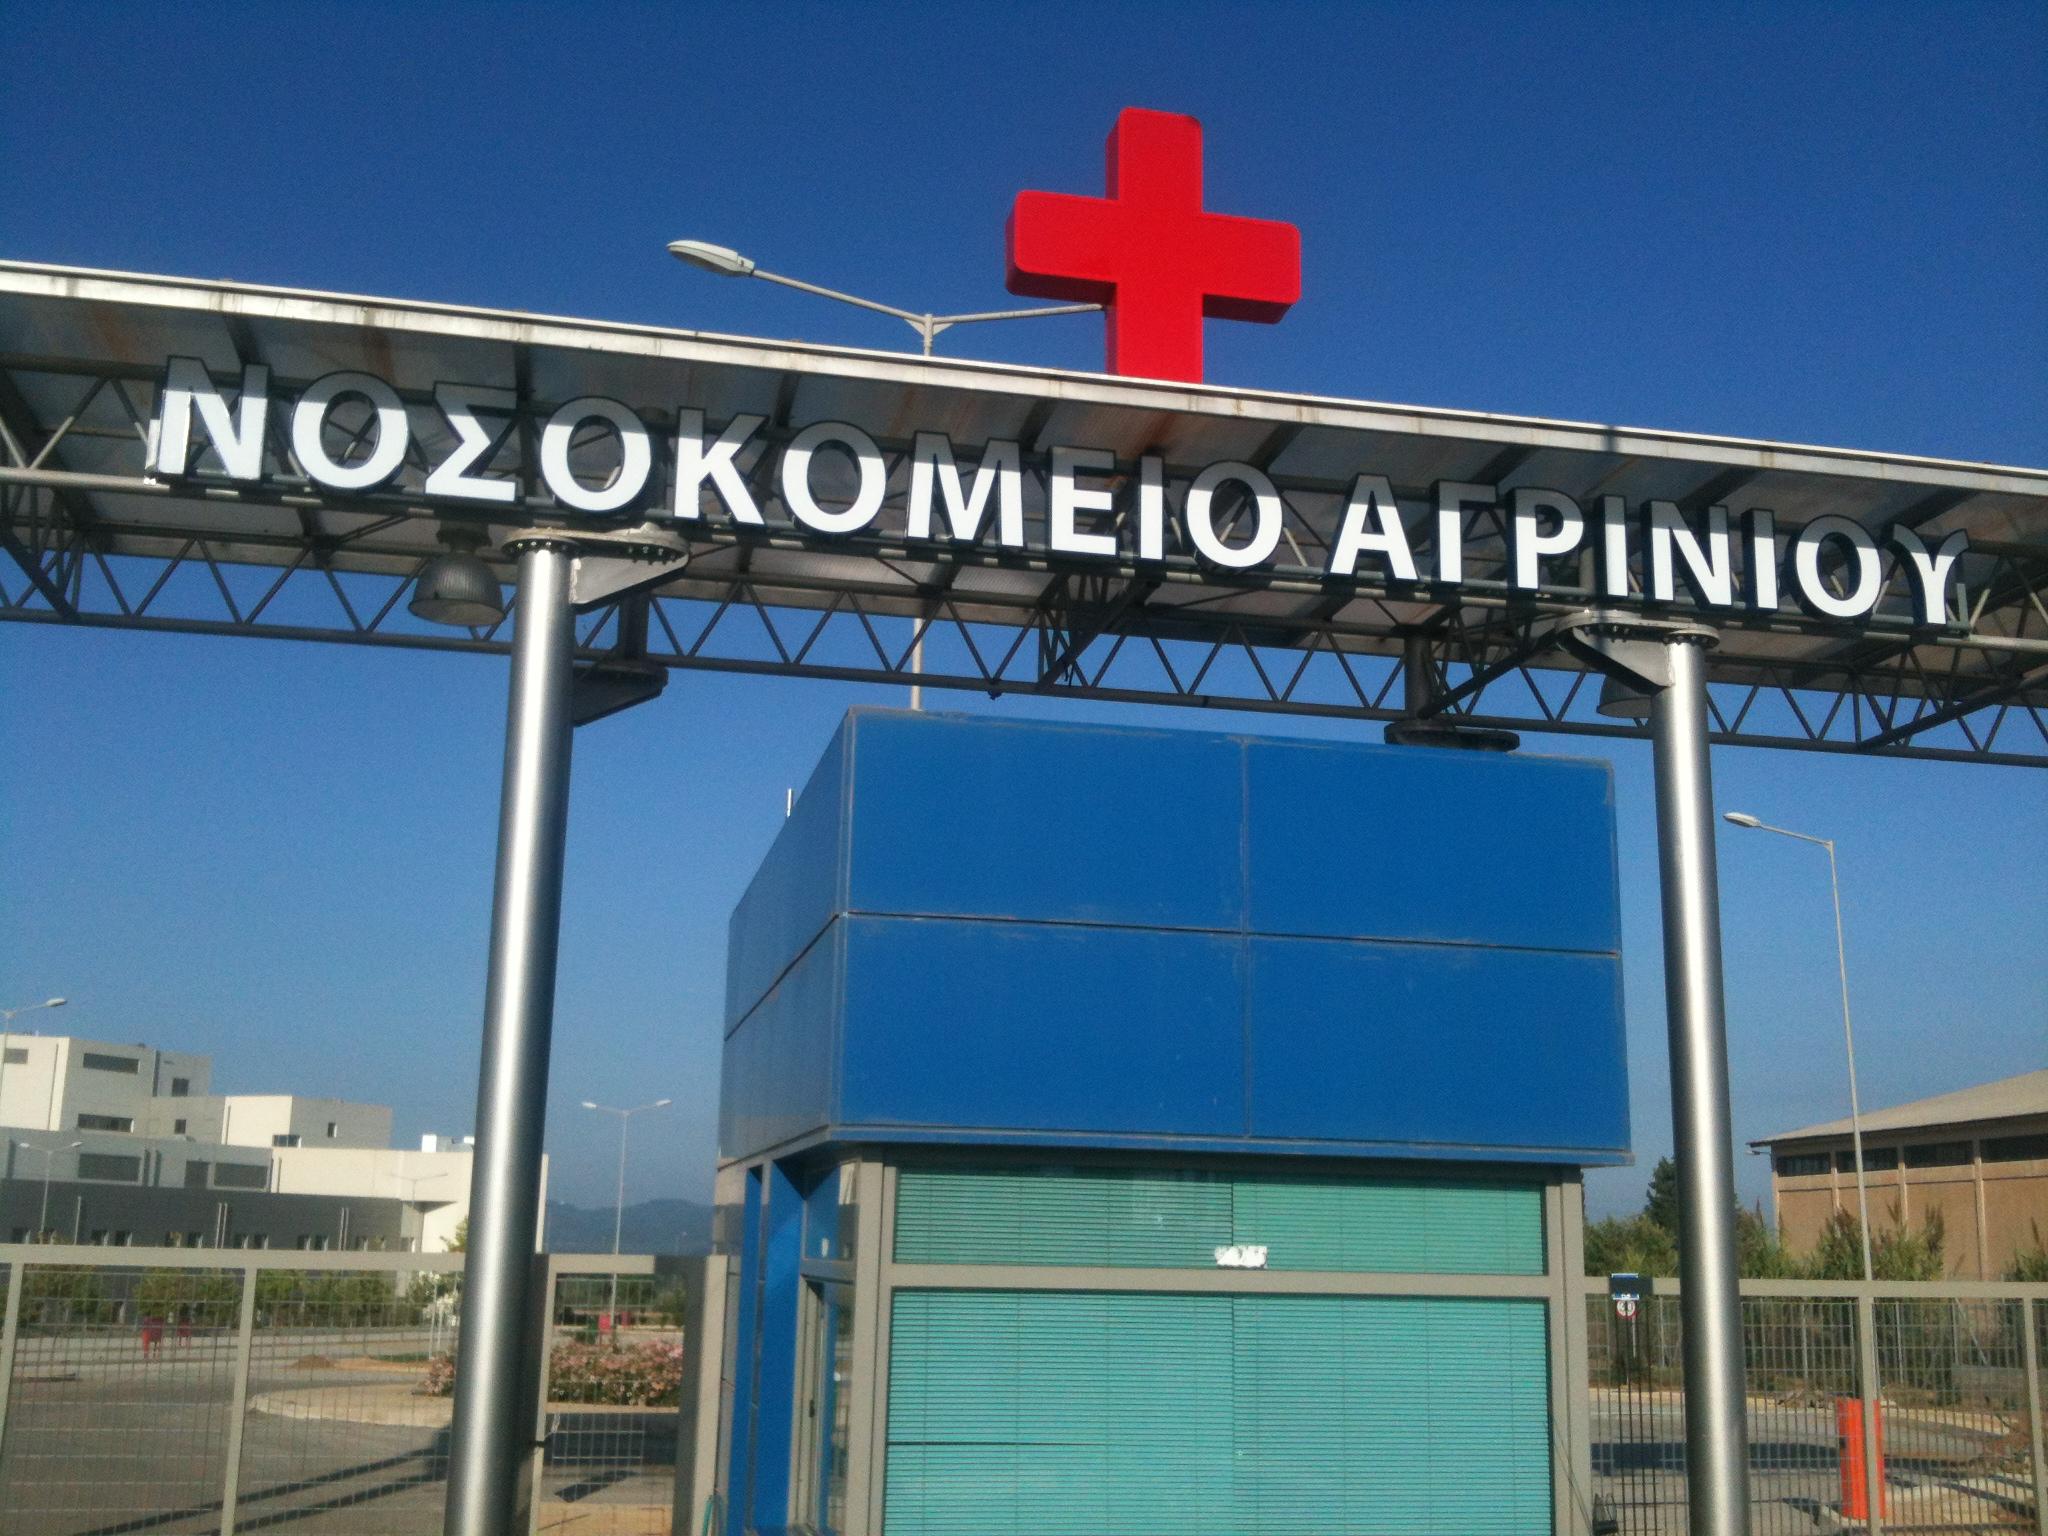 ΣΥΡΙΖΑ: ενίσχυση ΤΩΡΑ του Νοσοκομείου Αγρινίου πριν είναι πολύ αργά